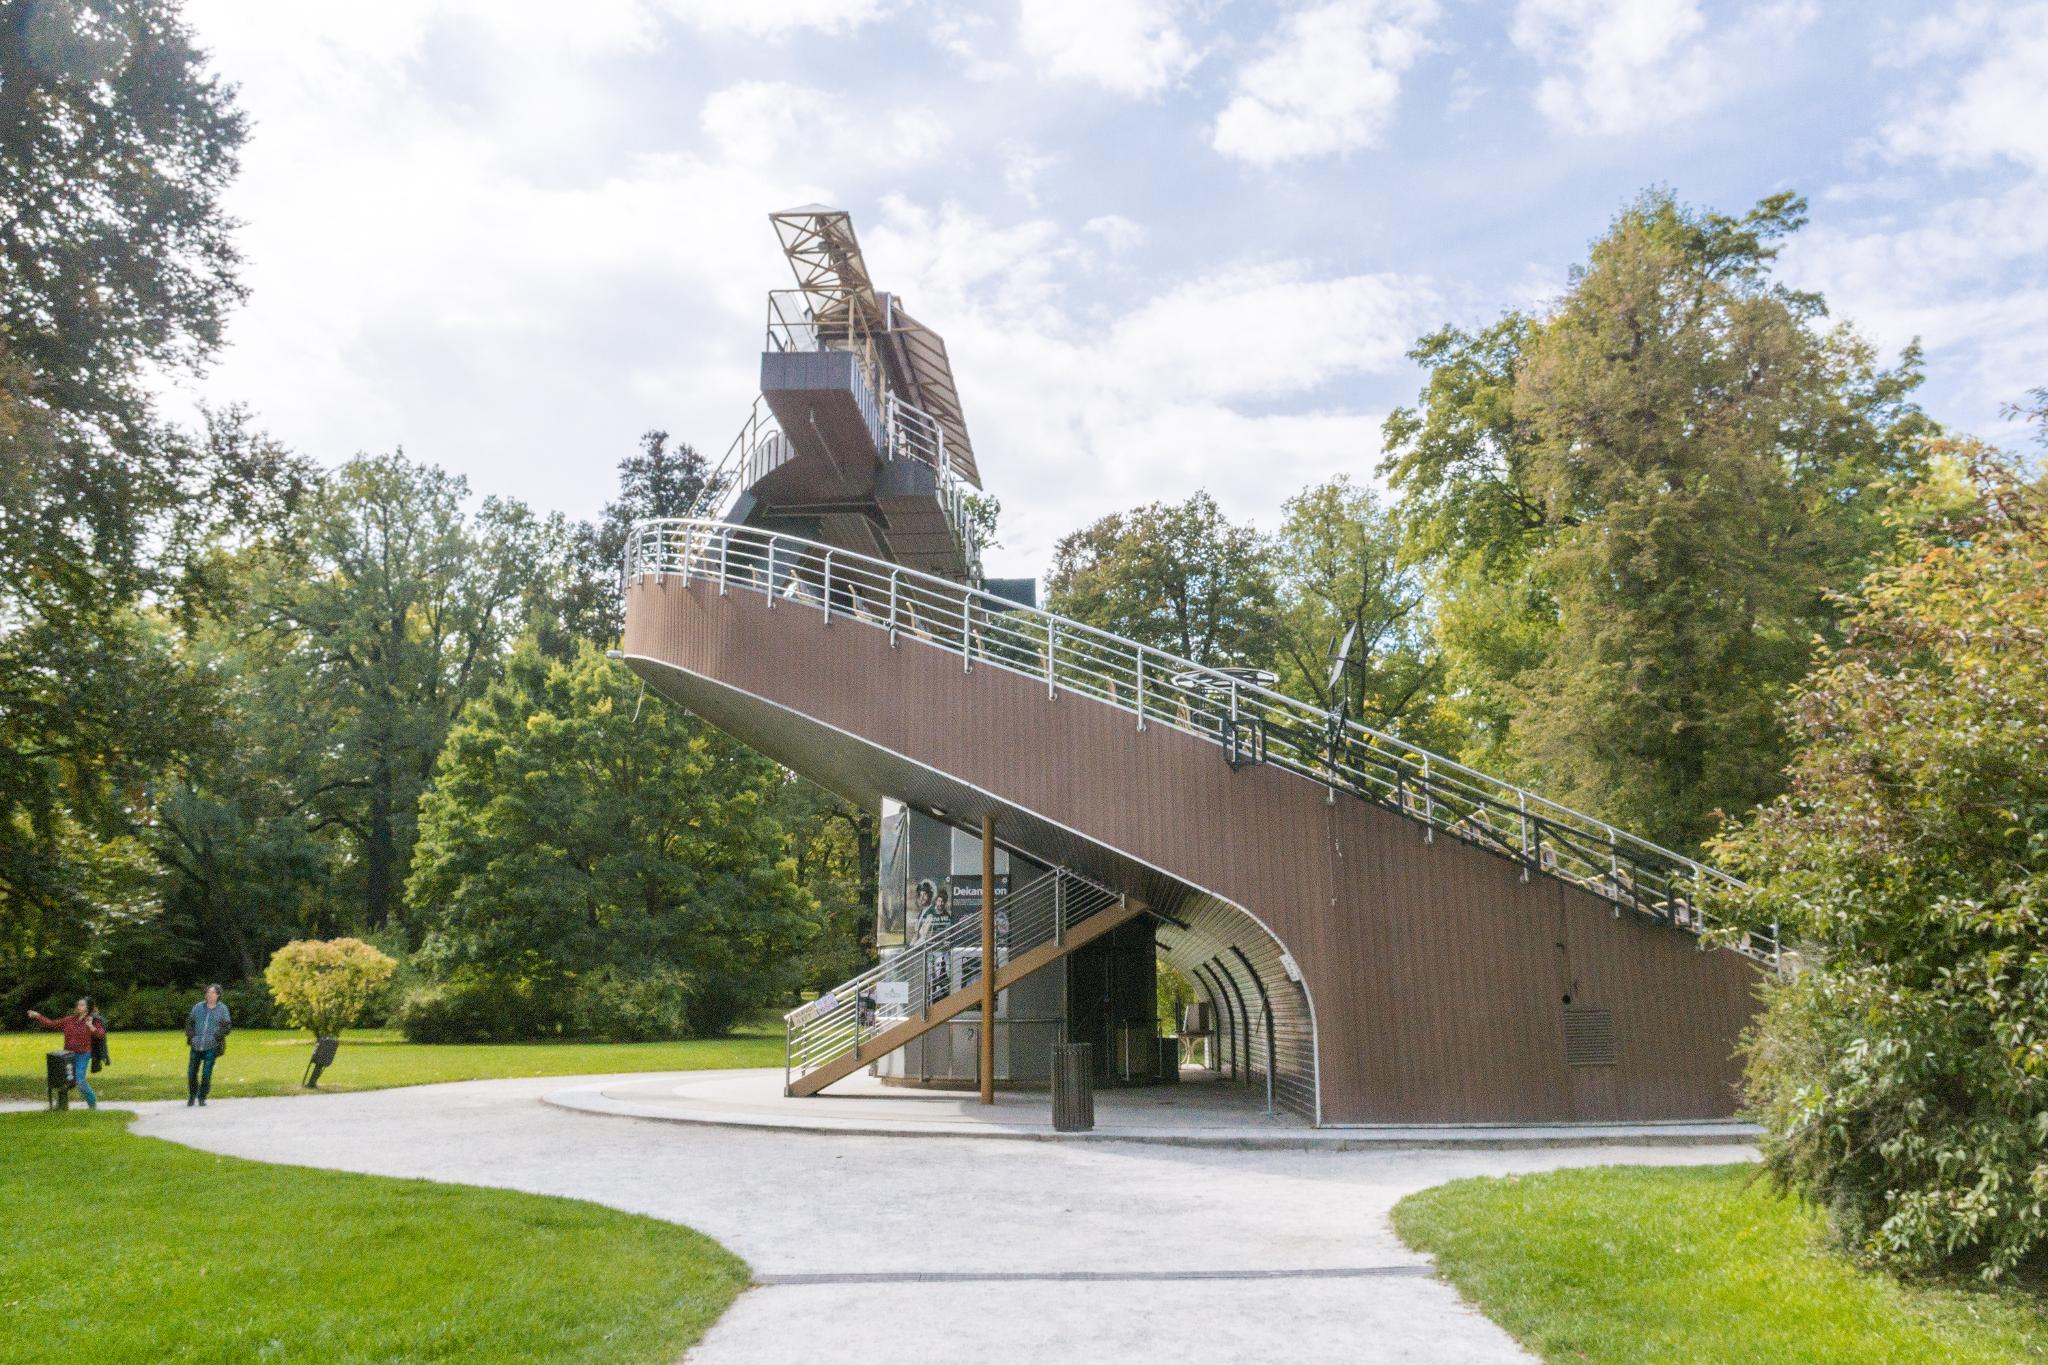 【捷克】穿越時空的波希米亞狂想曲 — Český Krumlov Castle 庫倫諾夫城堡 33